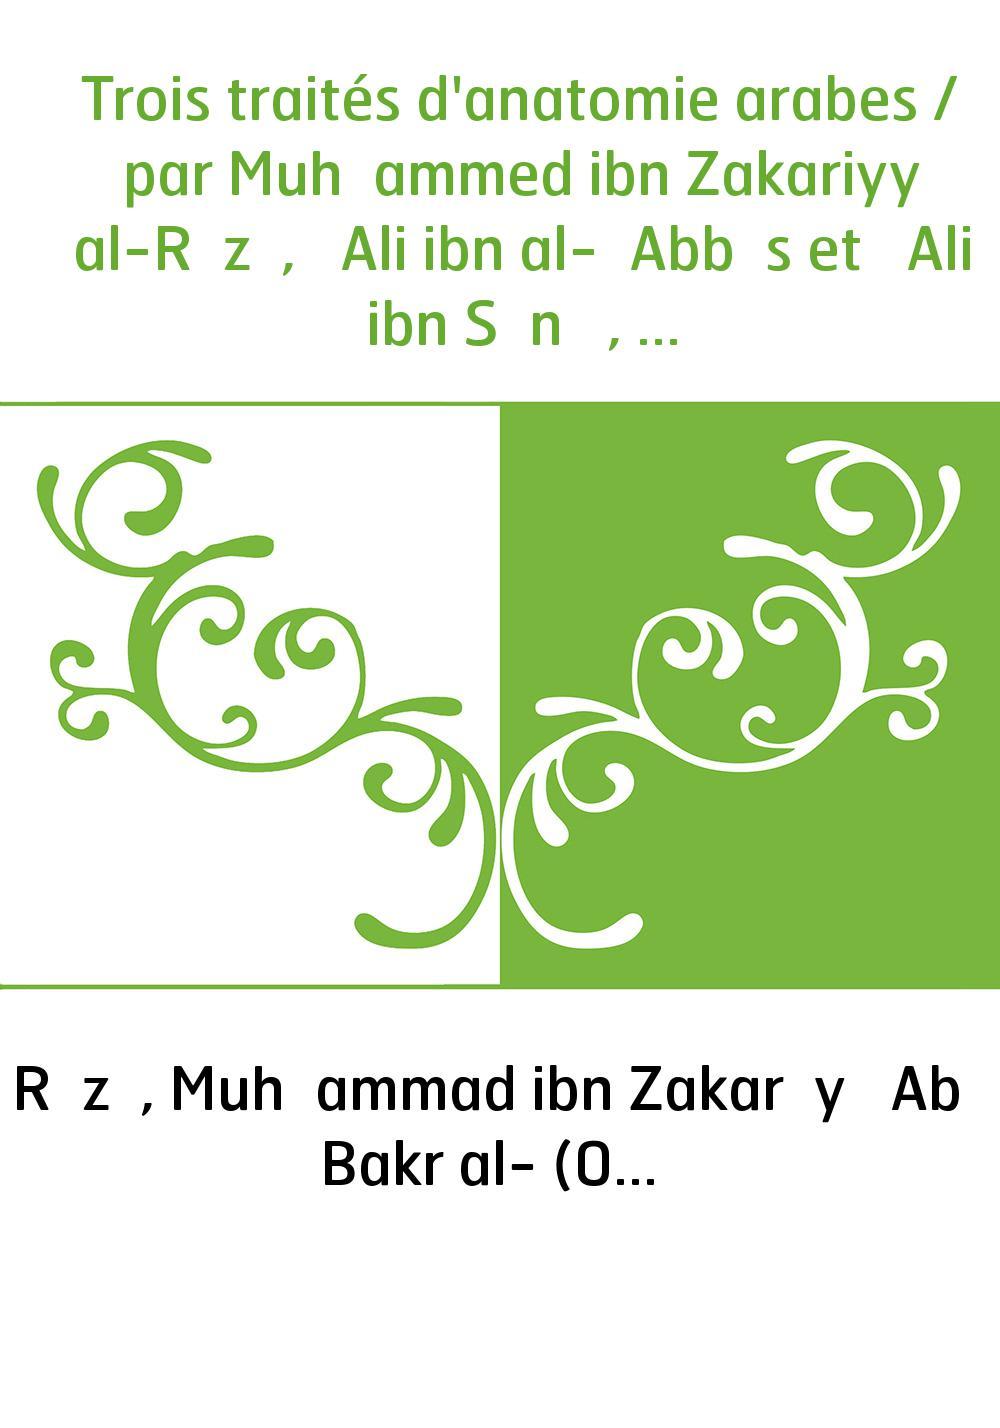 Trois traités d'anatomie arabes / par Muḥammed ibn Zakariyyā al-Rāzī, ʿAli ibn al-ʿAbbās et ʿAli ibn Sīnā , texte inédit de deu